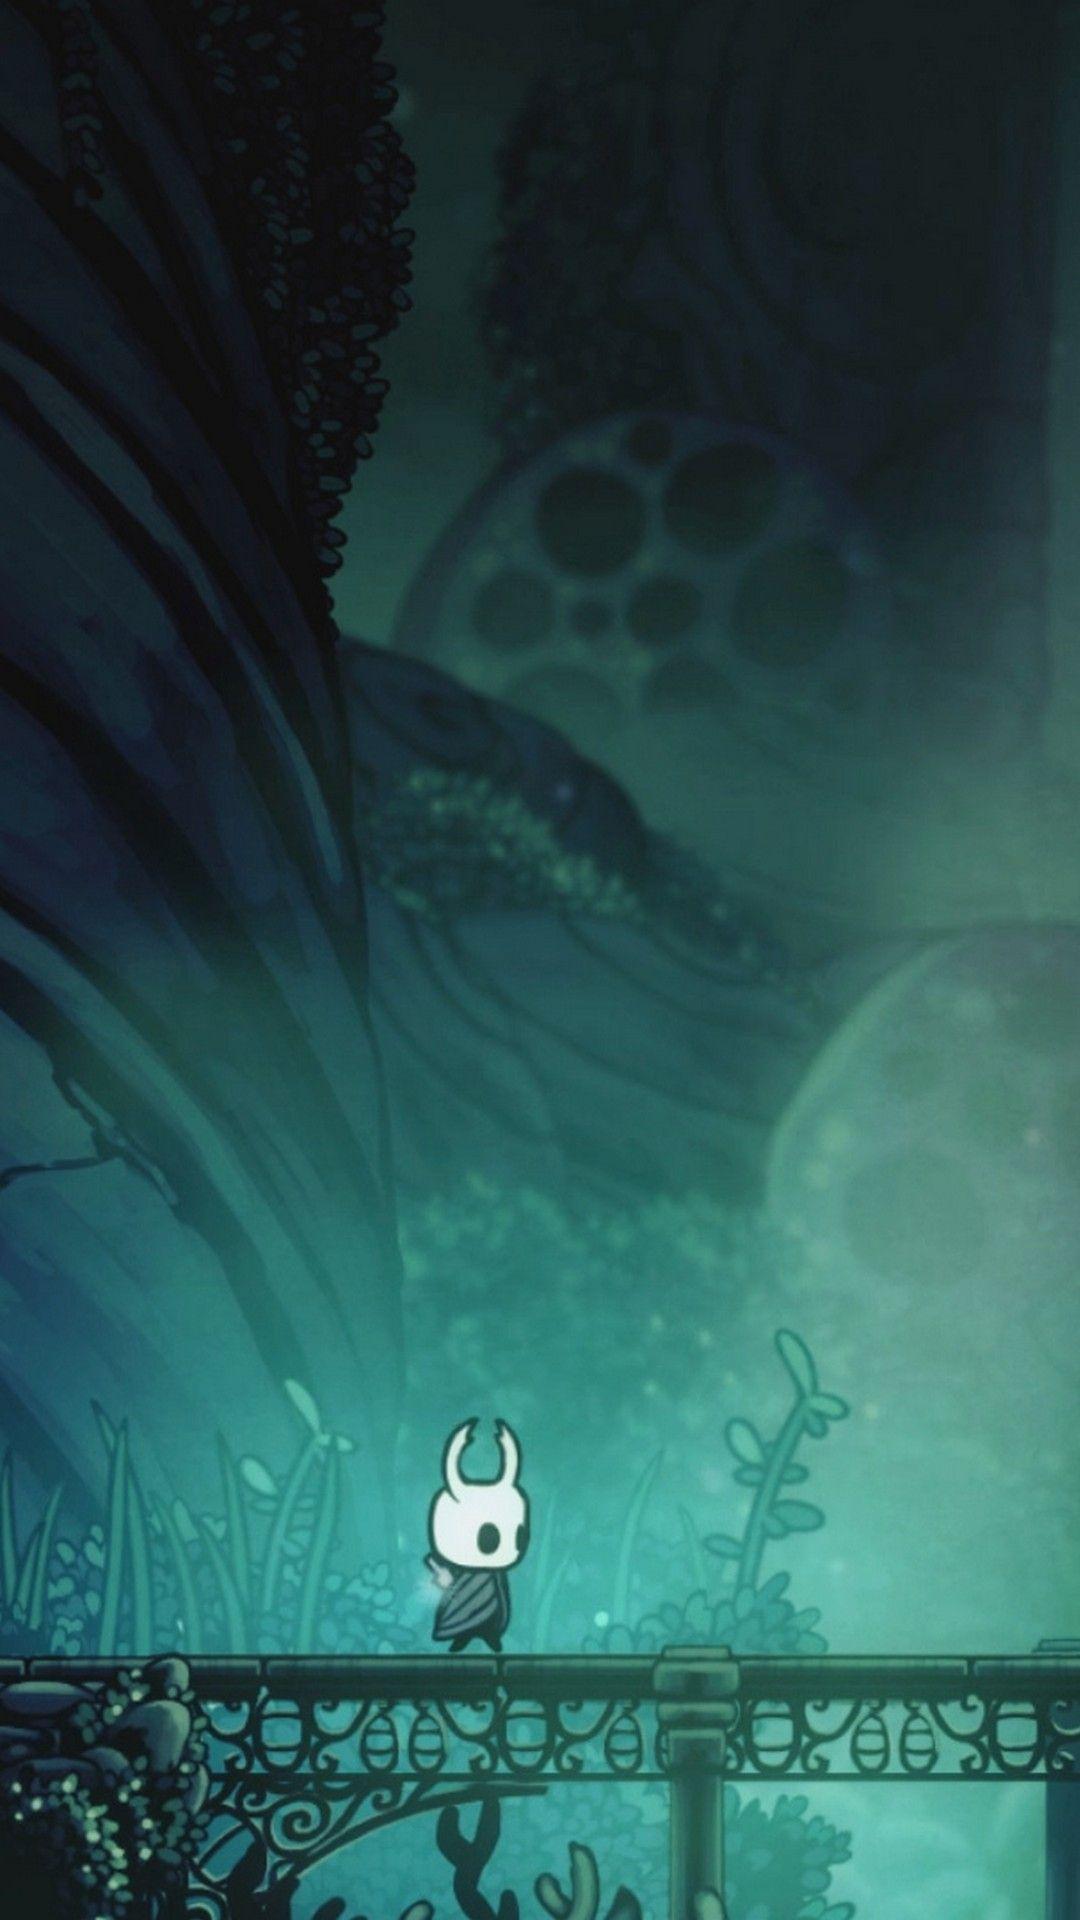 Hình nền 1080x1920 Điện thoại Hollow Knight - 2020 Hình nền Android